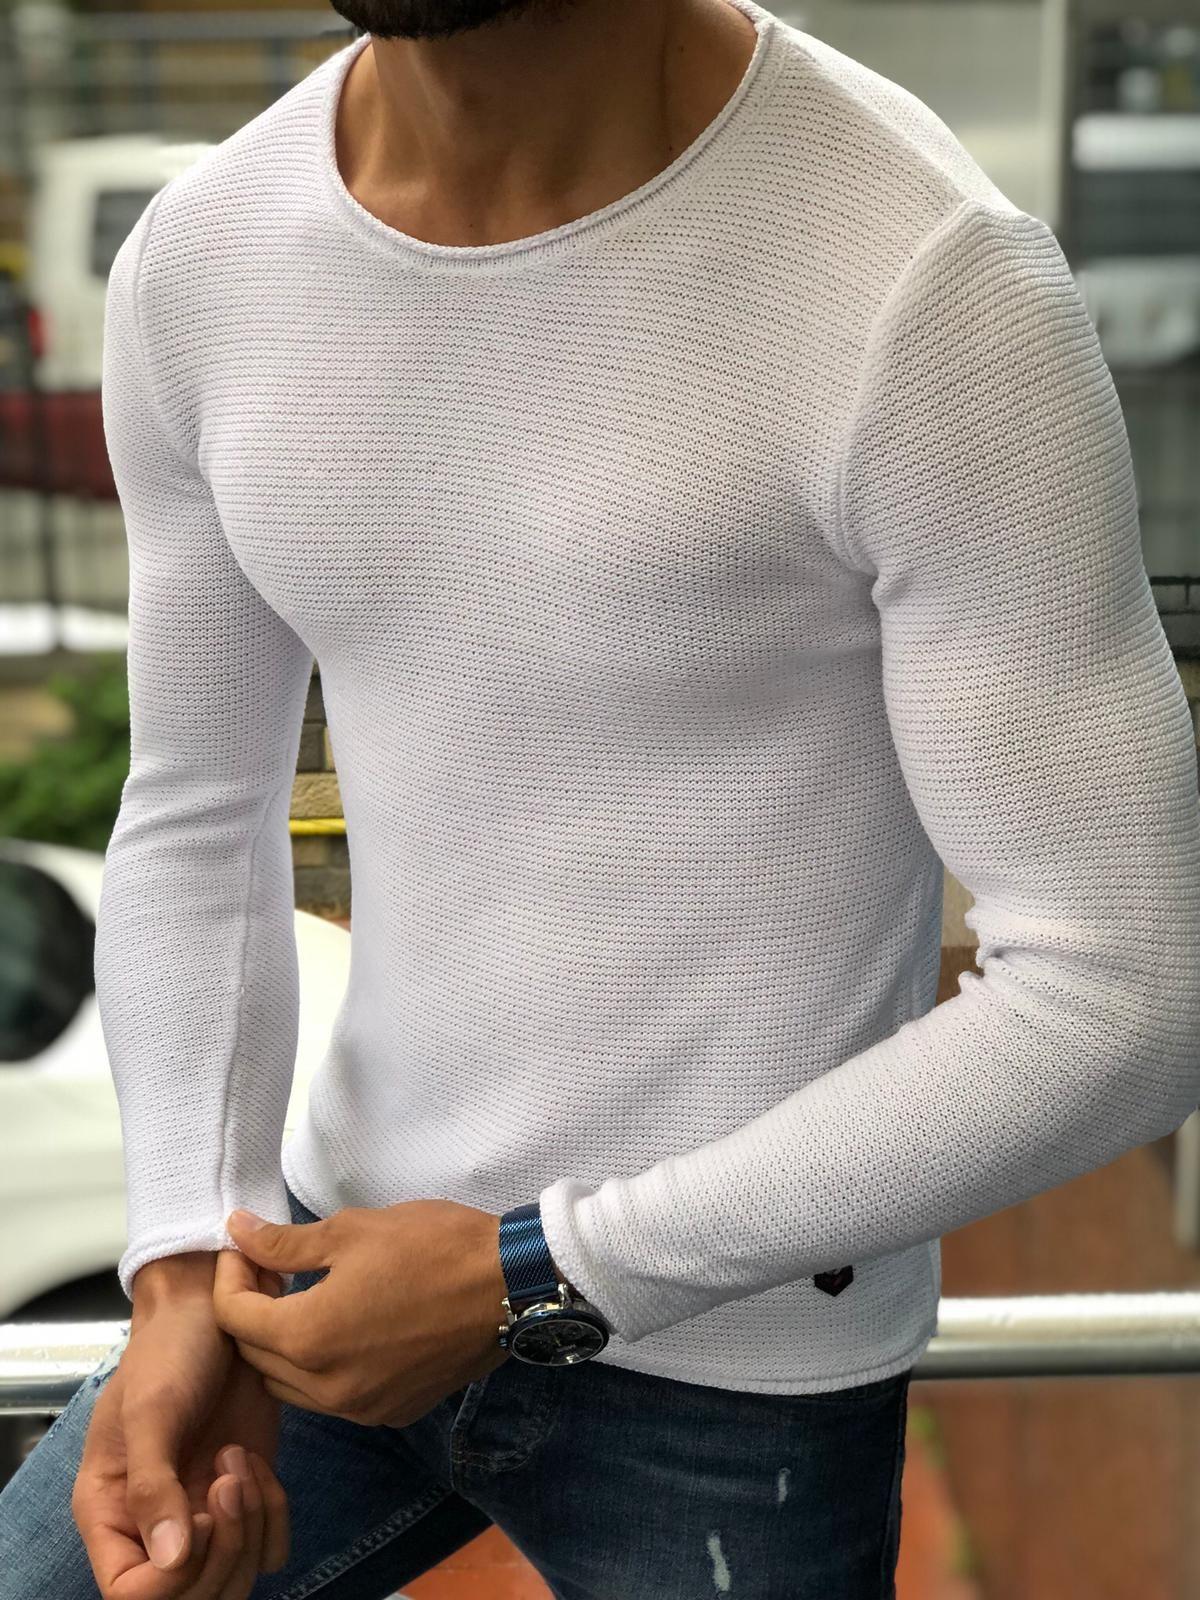 Knitted Pullover Mens Casual Slim Fit Grey Sweatshirt Jumper Tag S M L XL XXL